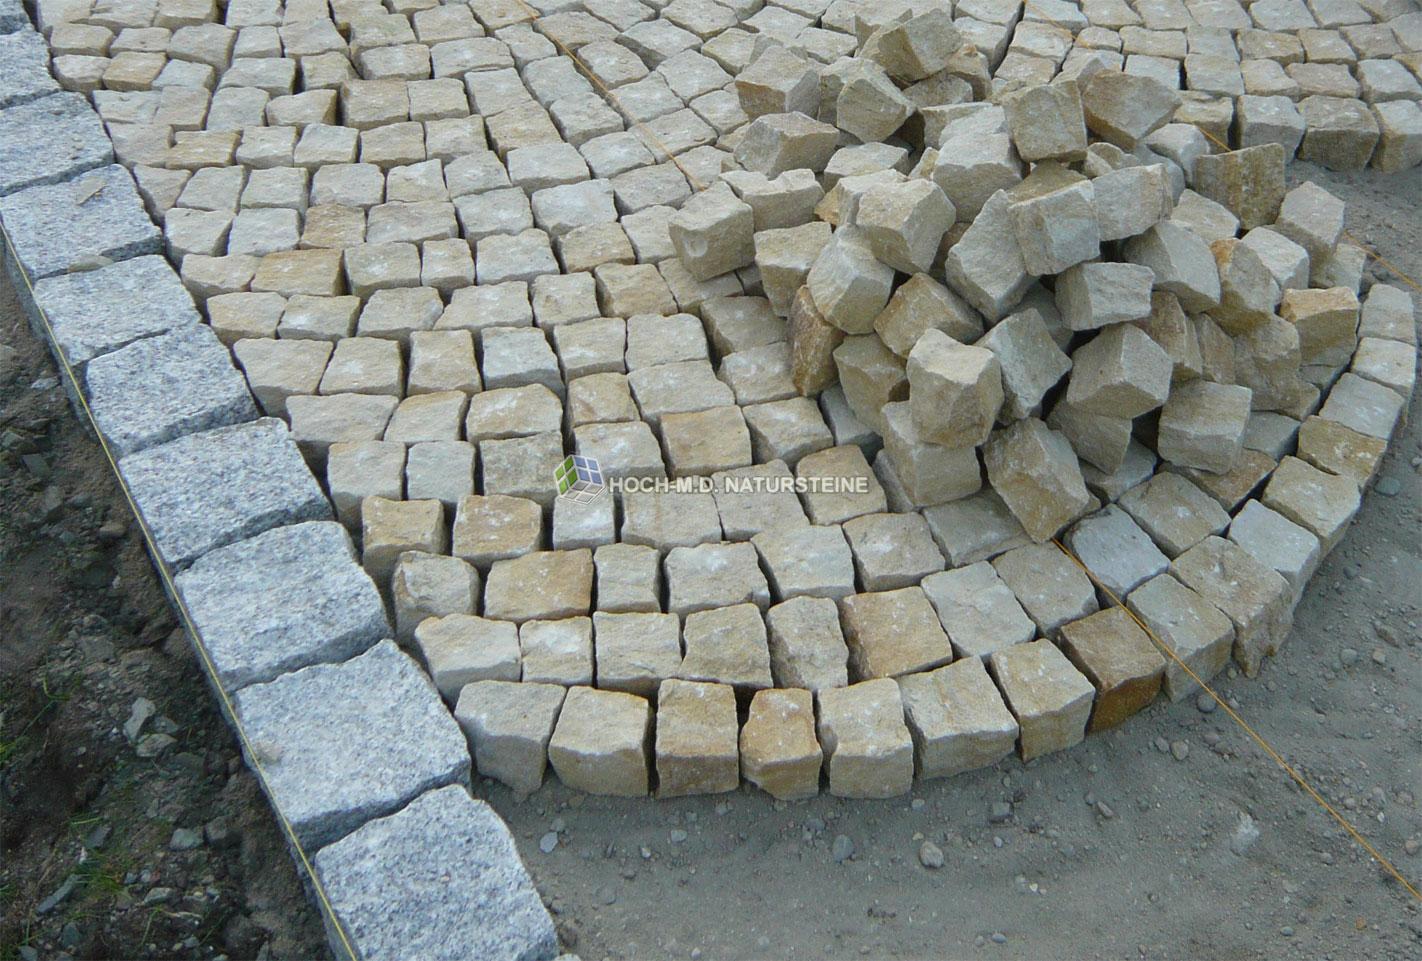 sandsteinpflaster aus quarzsandstein 100% frost- und